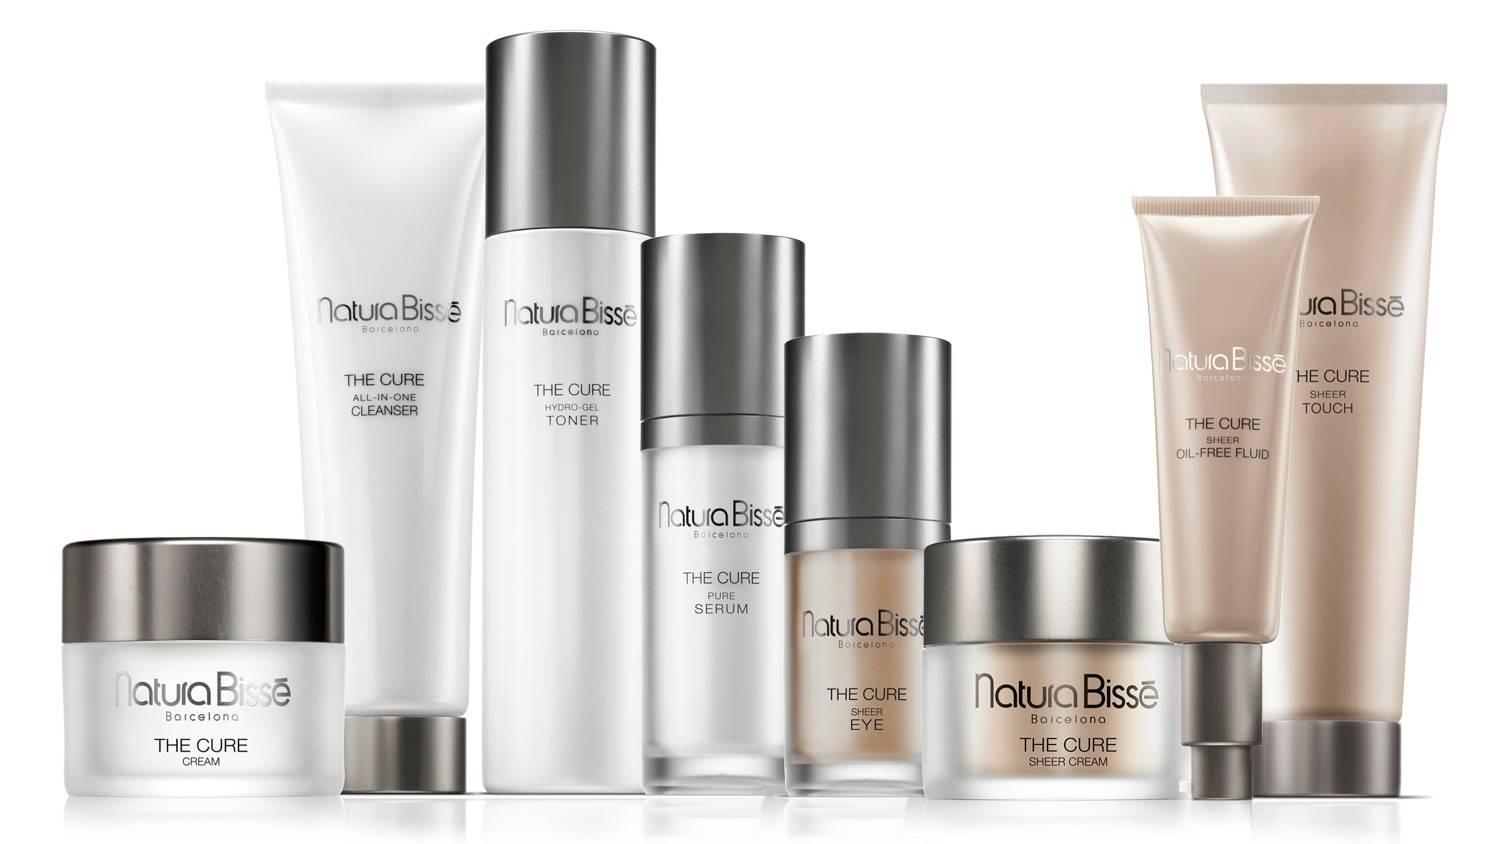 natura-bisse-the-cure-review-inhautepursuit-facial-treatment